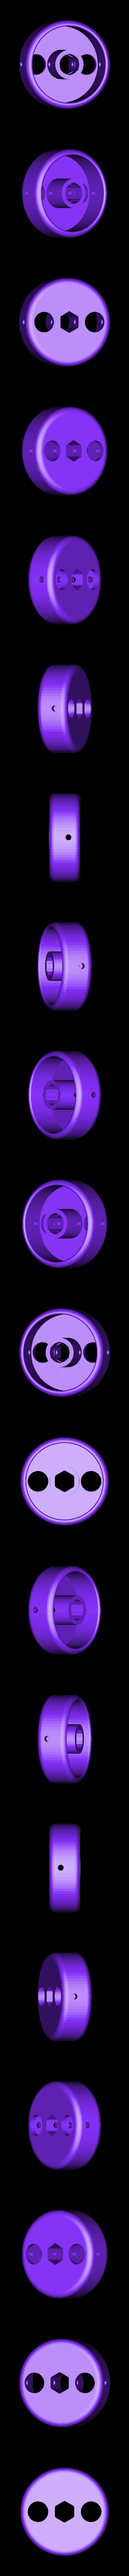 ControlWheel_30.stl Télécharger fichier STL gratuit Vernier (Boîte à engrenages planétaires) • Plan pour impression 3D, SiberK